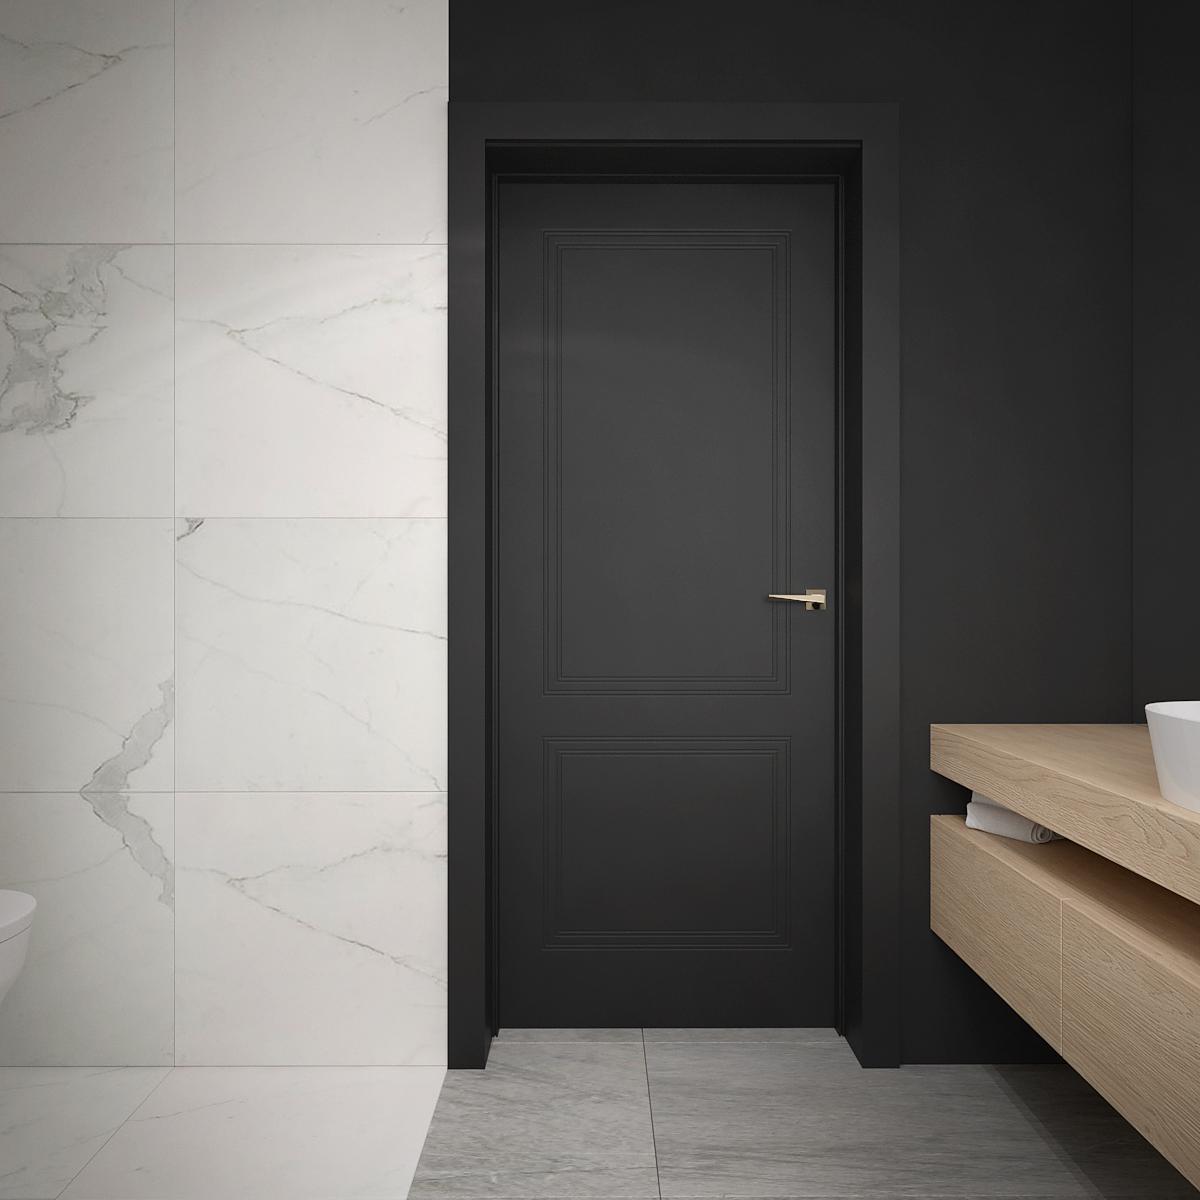 18 architek wnetrz D538 dom nowy sacz lazienka marmurowe plytki czarne drzwi